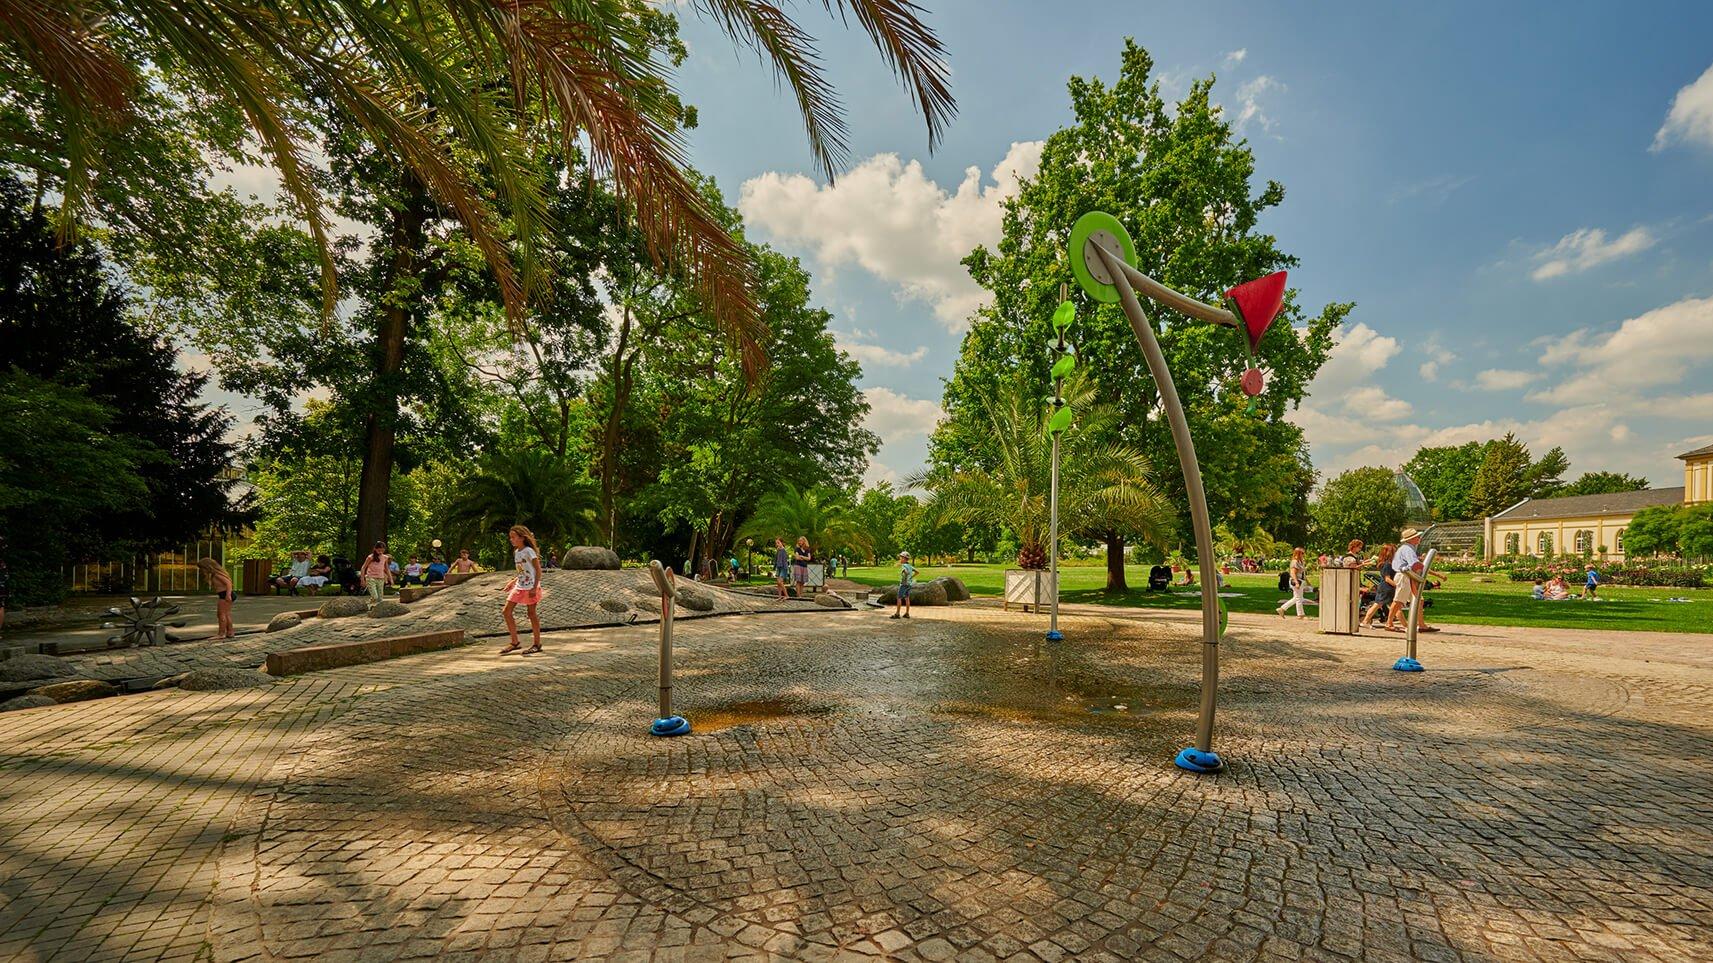 Frankfurt lichterfest palmengarten Palmengarten Frankfurt: